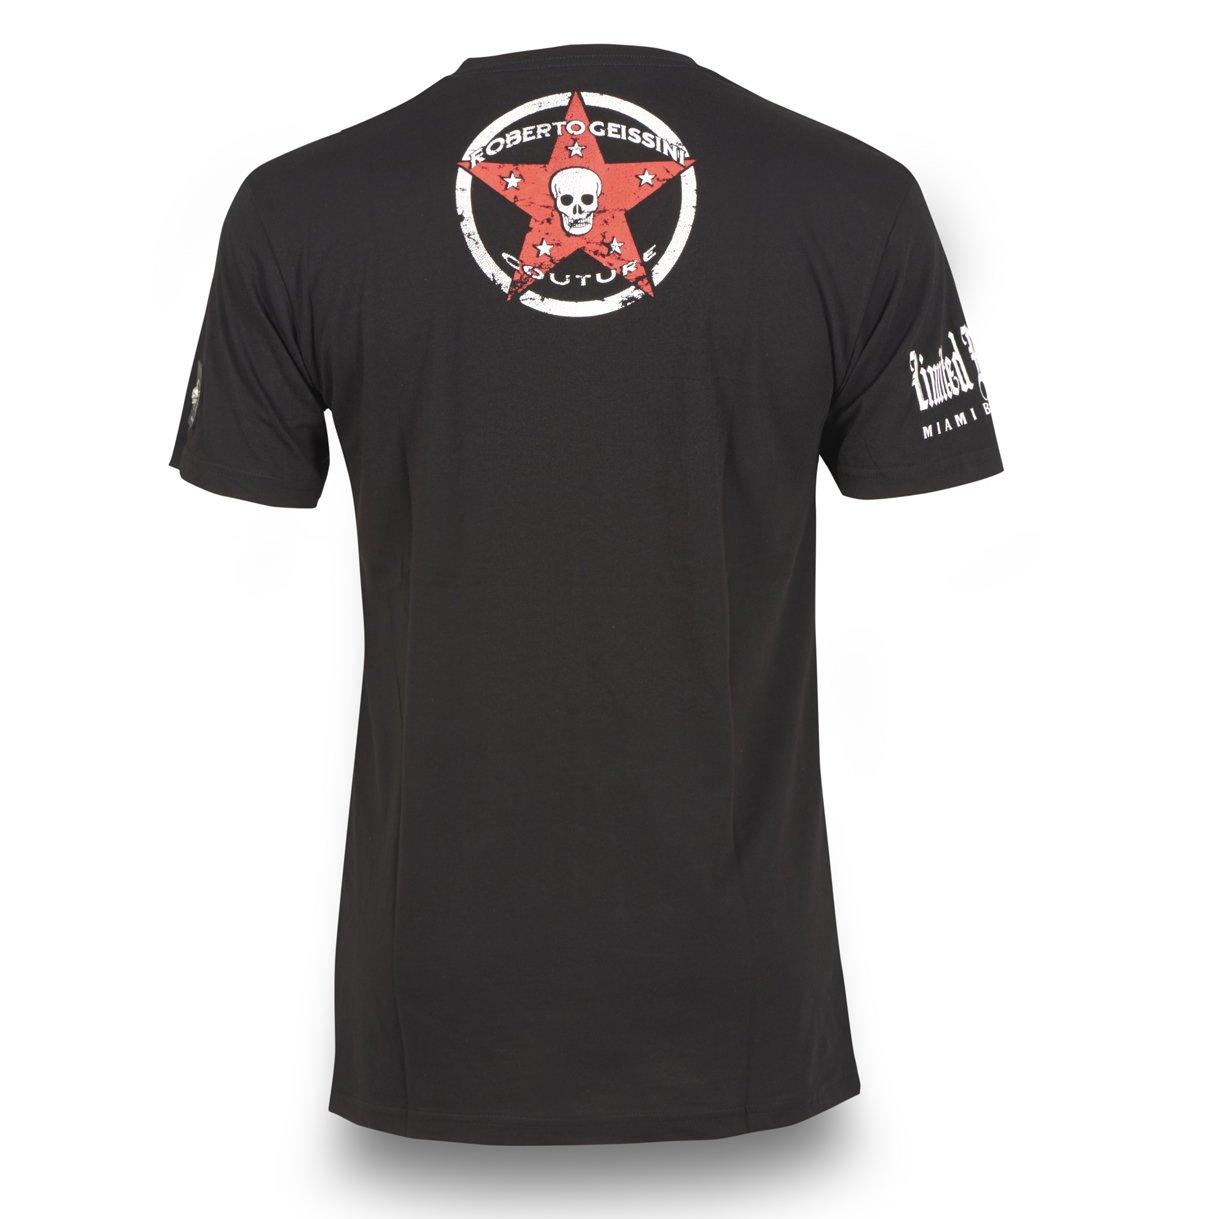 Roberto Geissini T-SHIRT T-SHIRT T-SHIRT STAR B012ZVUMBS T-Shirts Geschwindigkeitsrückerstattung f0d26b